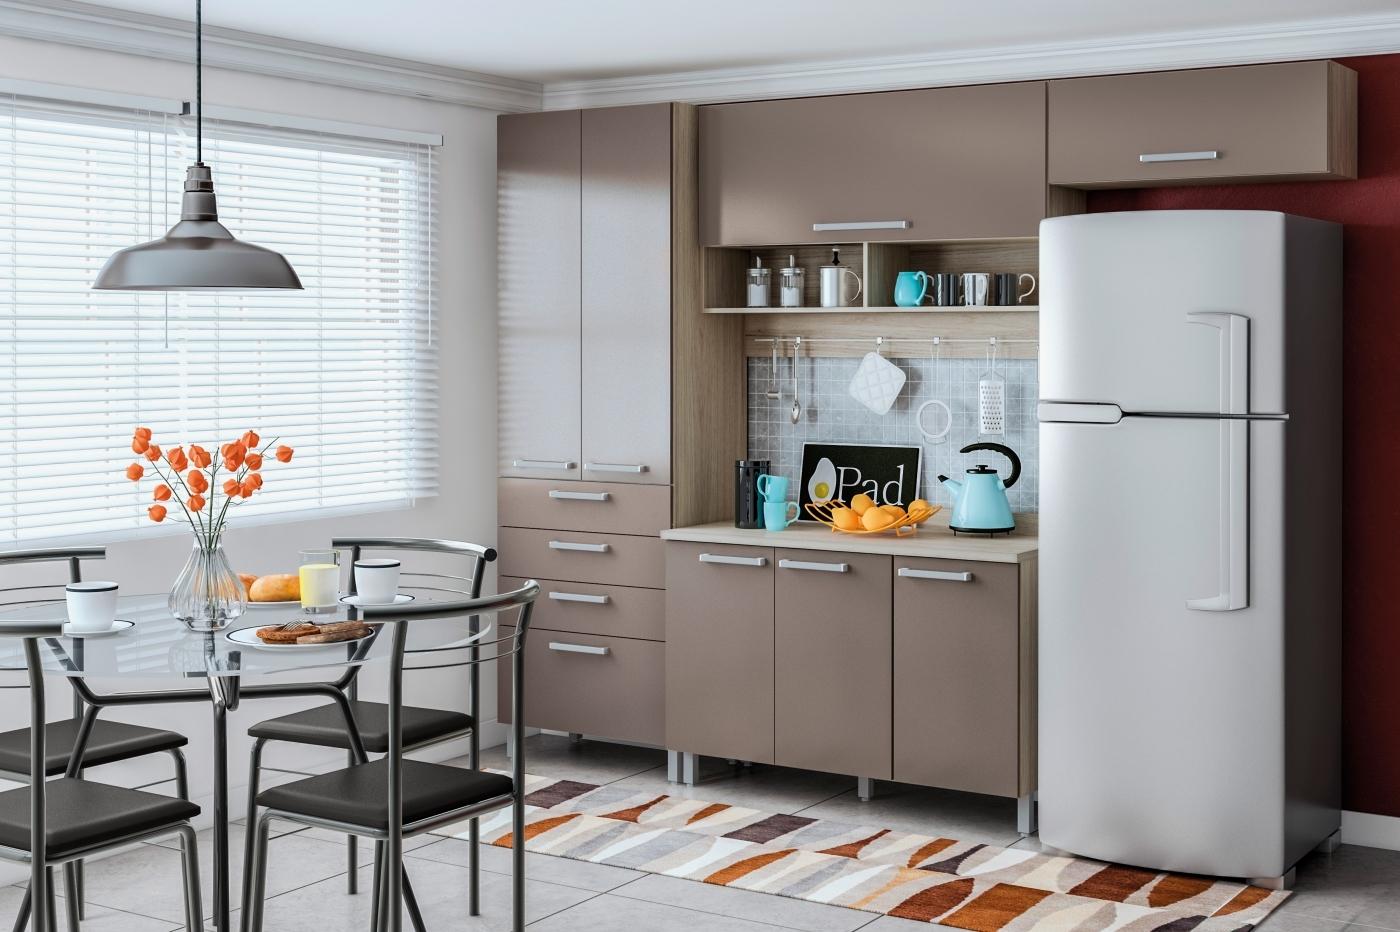 Cozinha 10 Peas Cozinha Compacta Peas Zafira Casamia A Carregando